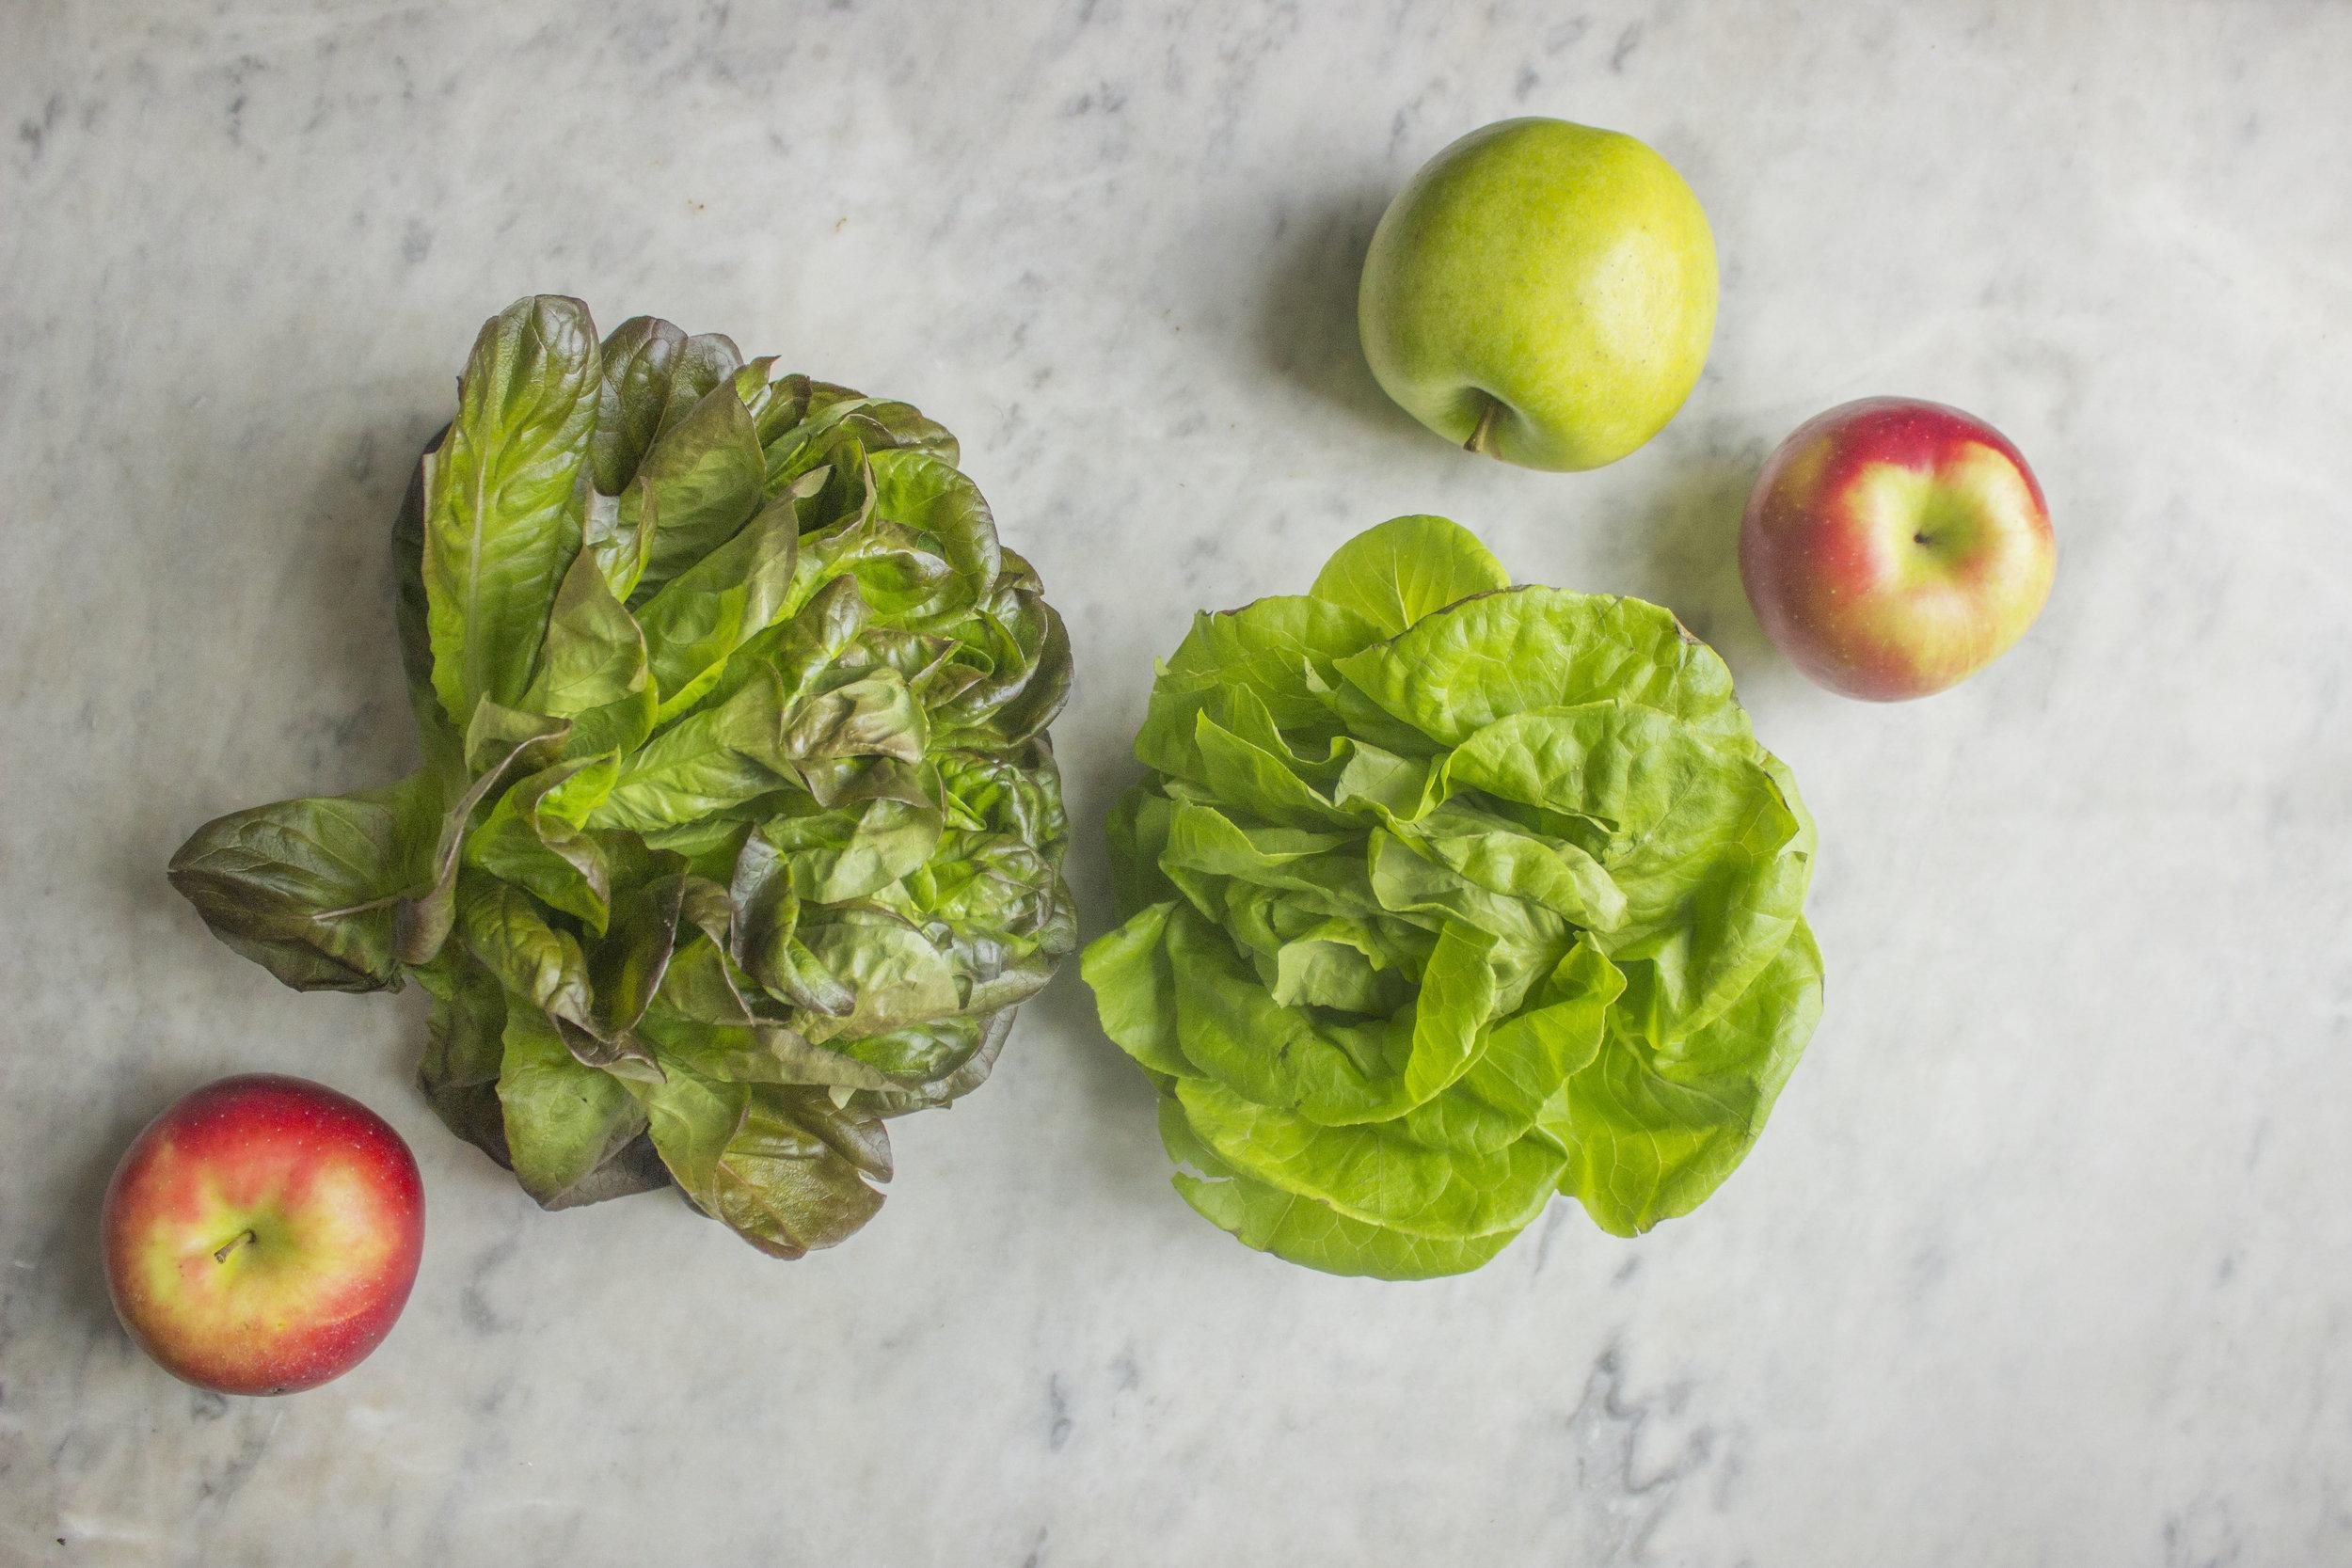 lettuce and apples.jpg